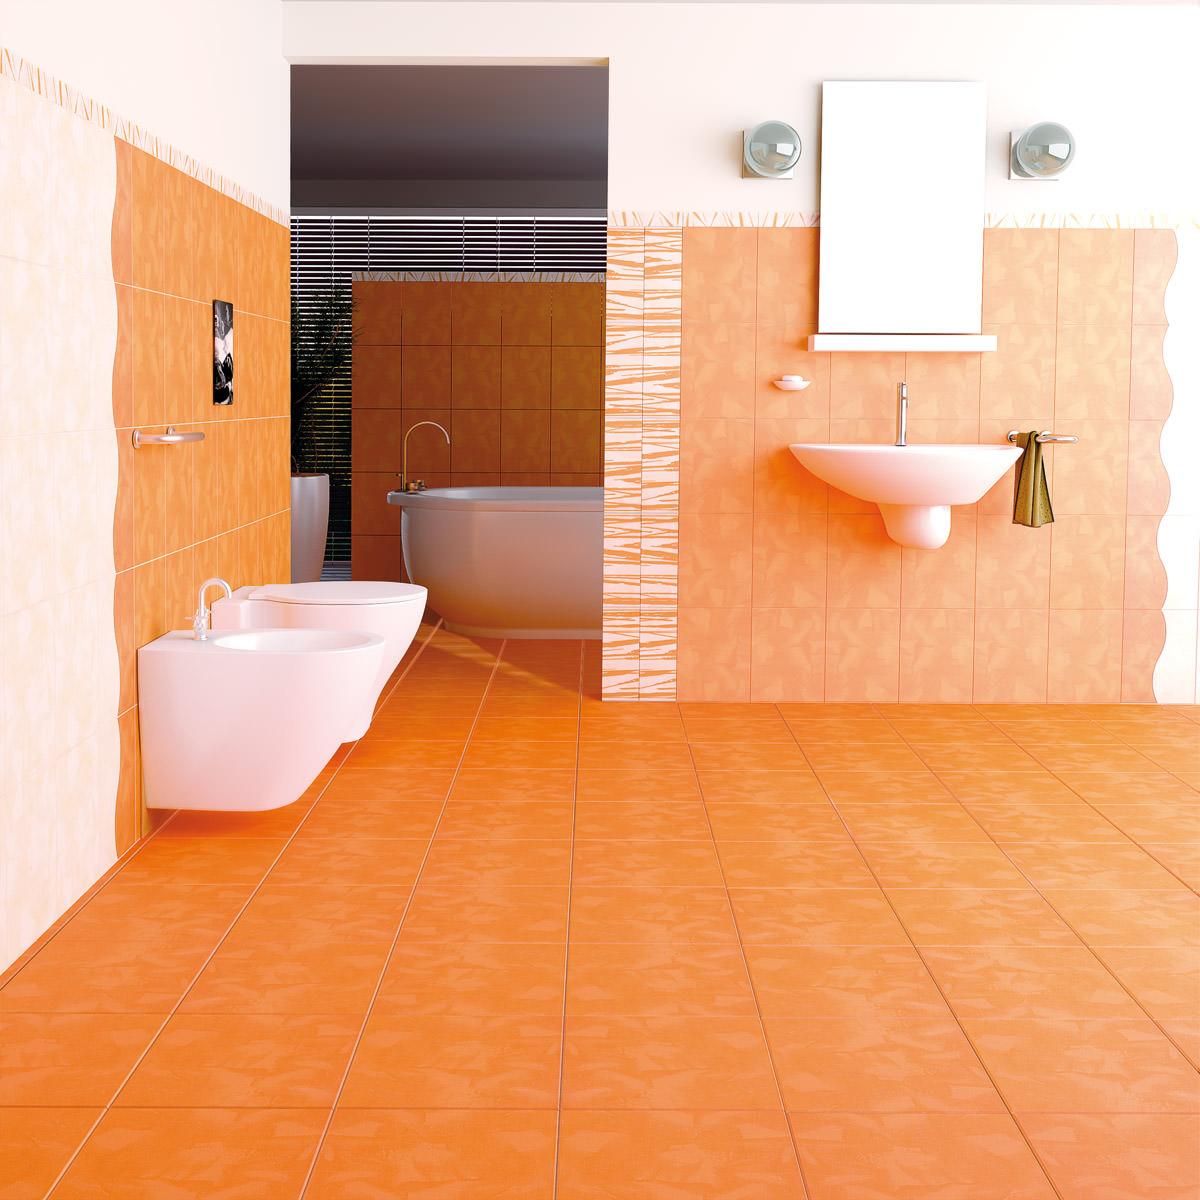 Бело-оранжевая плитка в ванной